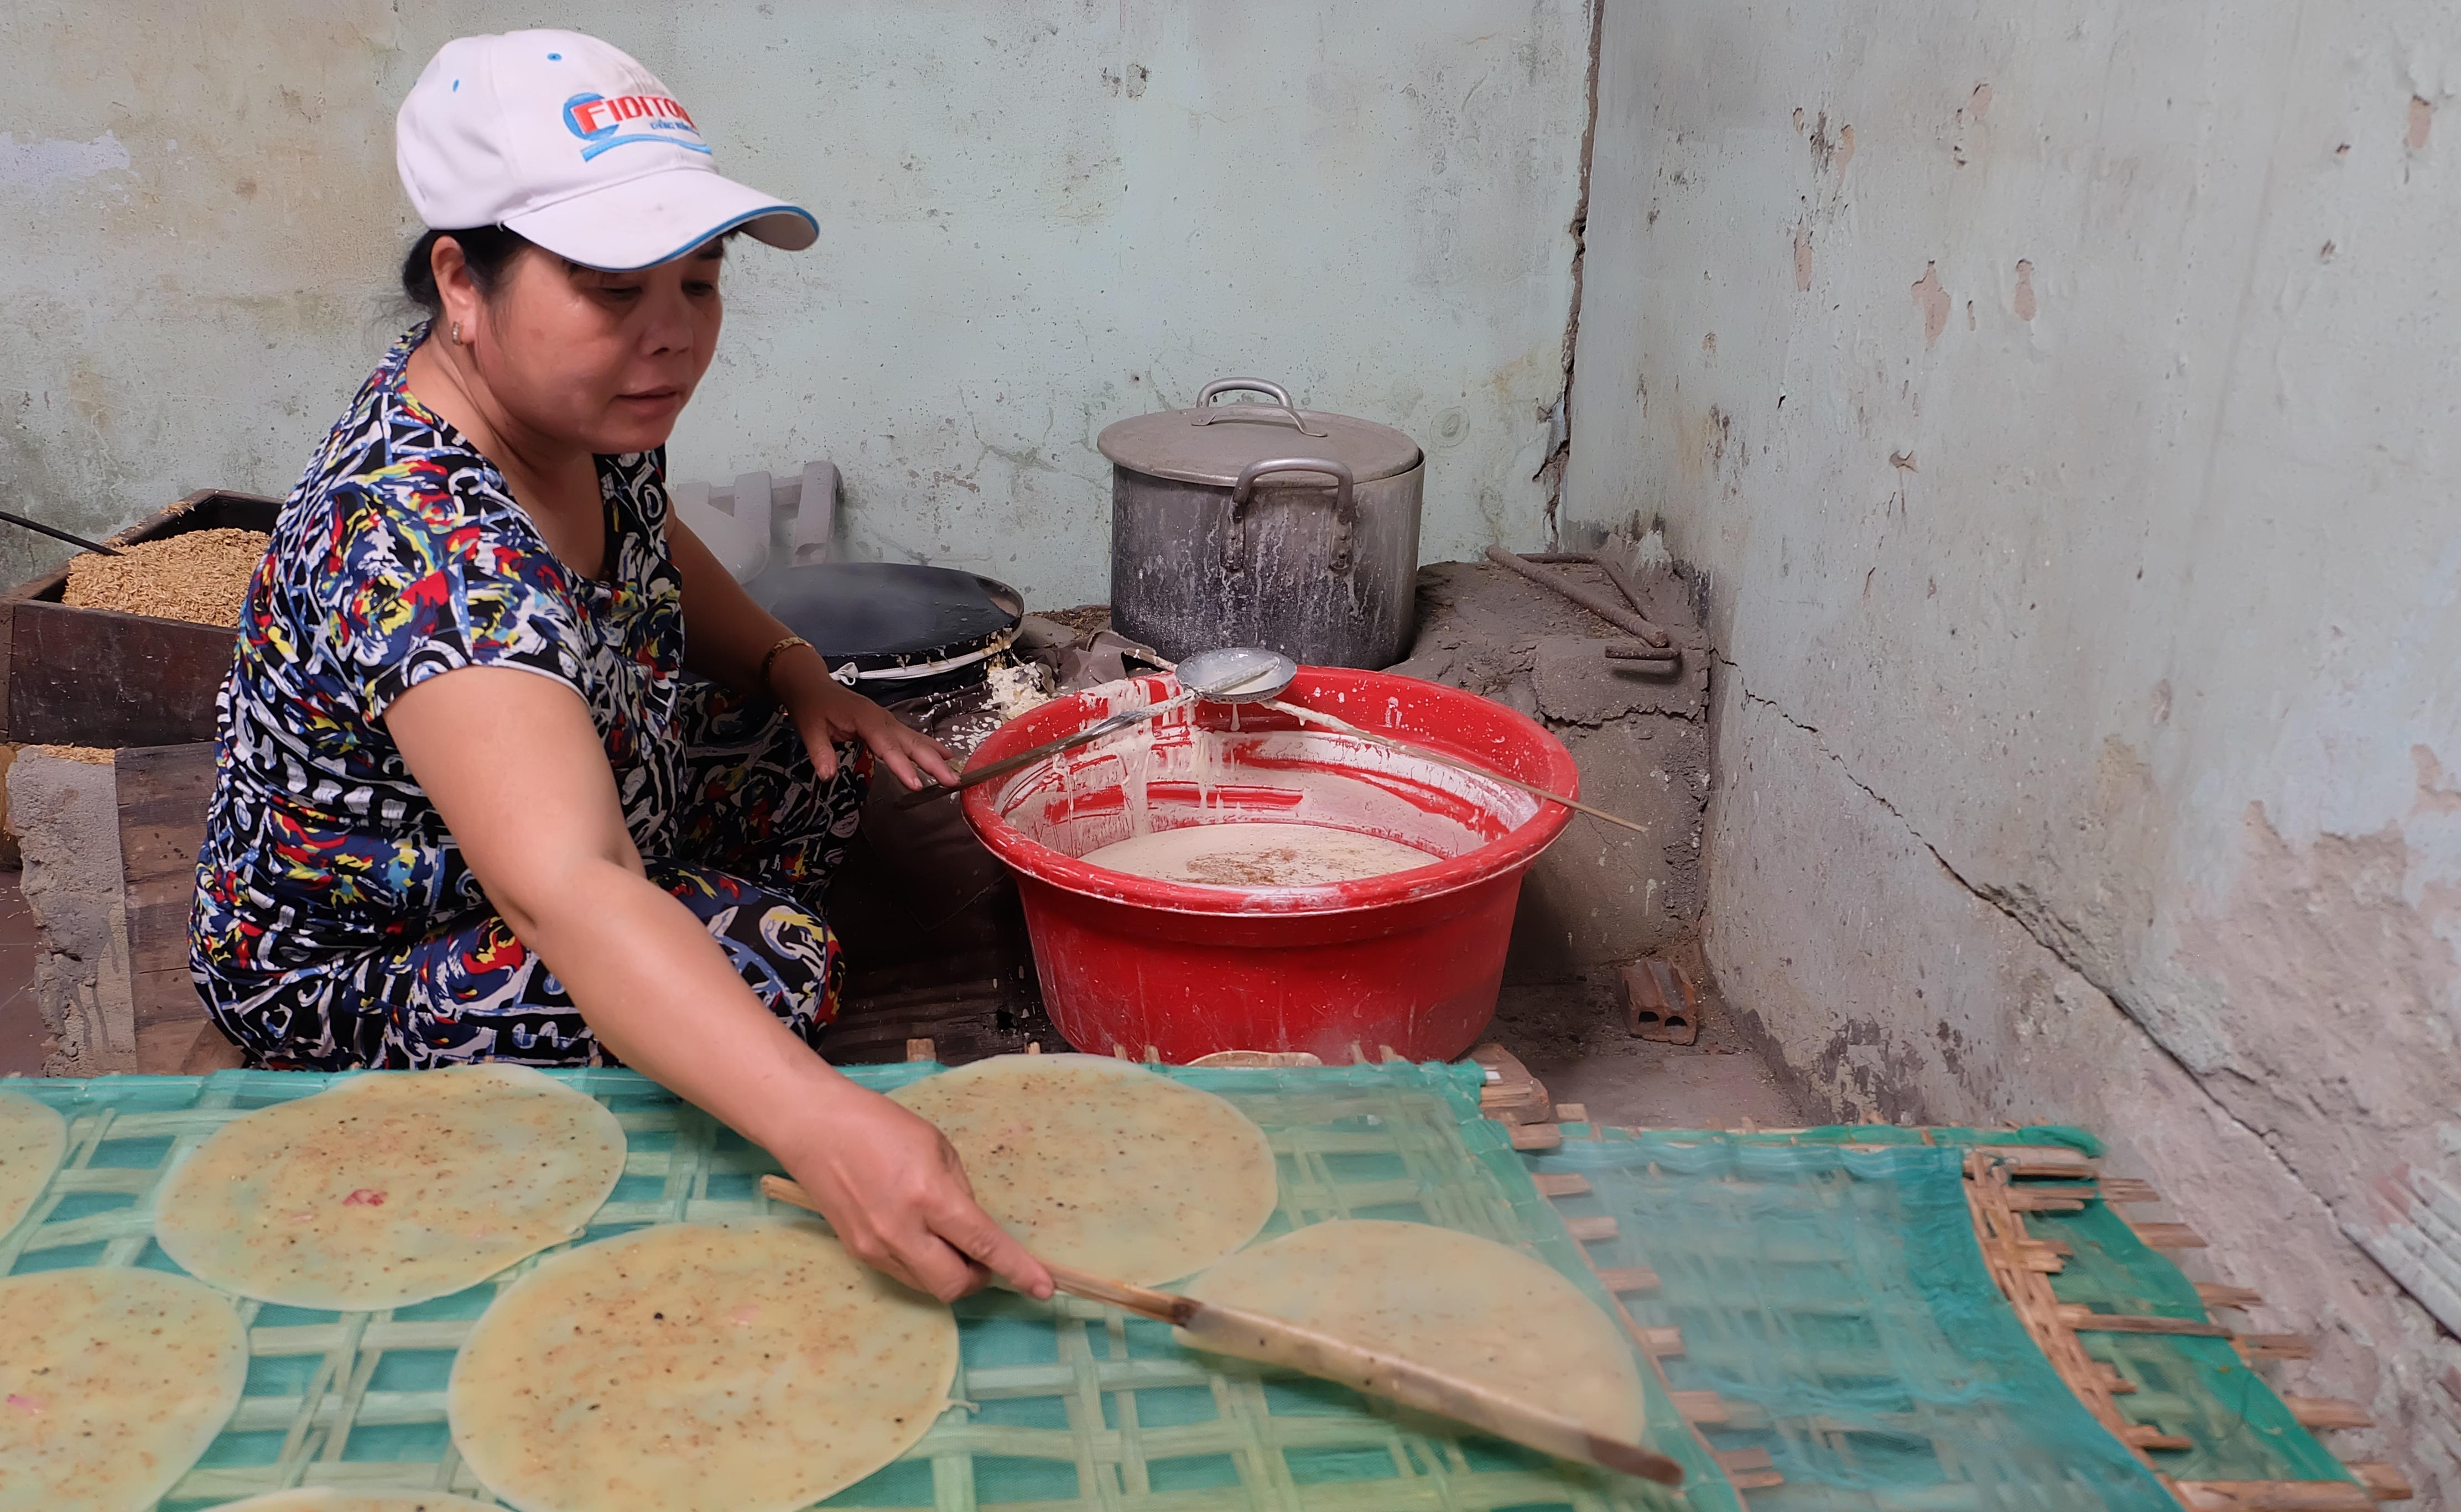 Mỗi ngày, mỗi hộ dân có thể tráng từ 800 - 1.000 bánh tráng các loại. Ảnh: L.C